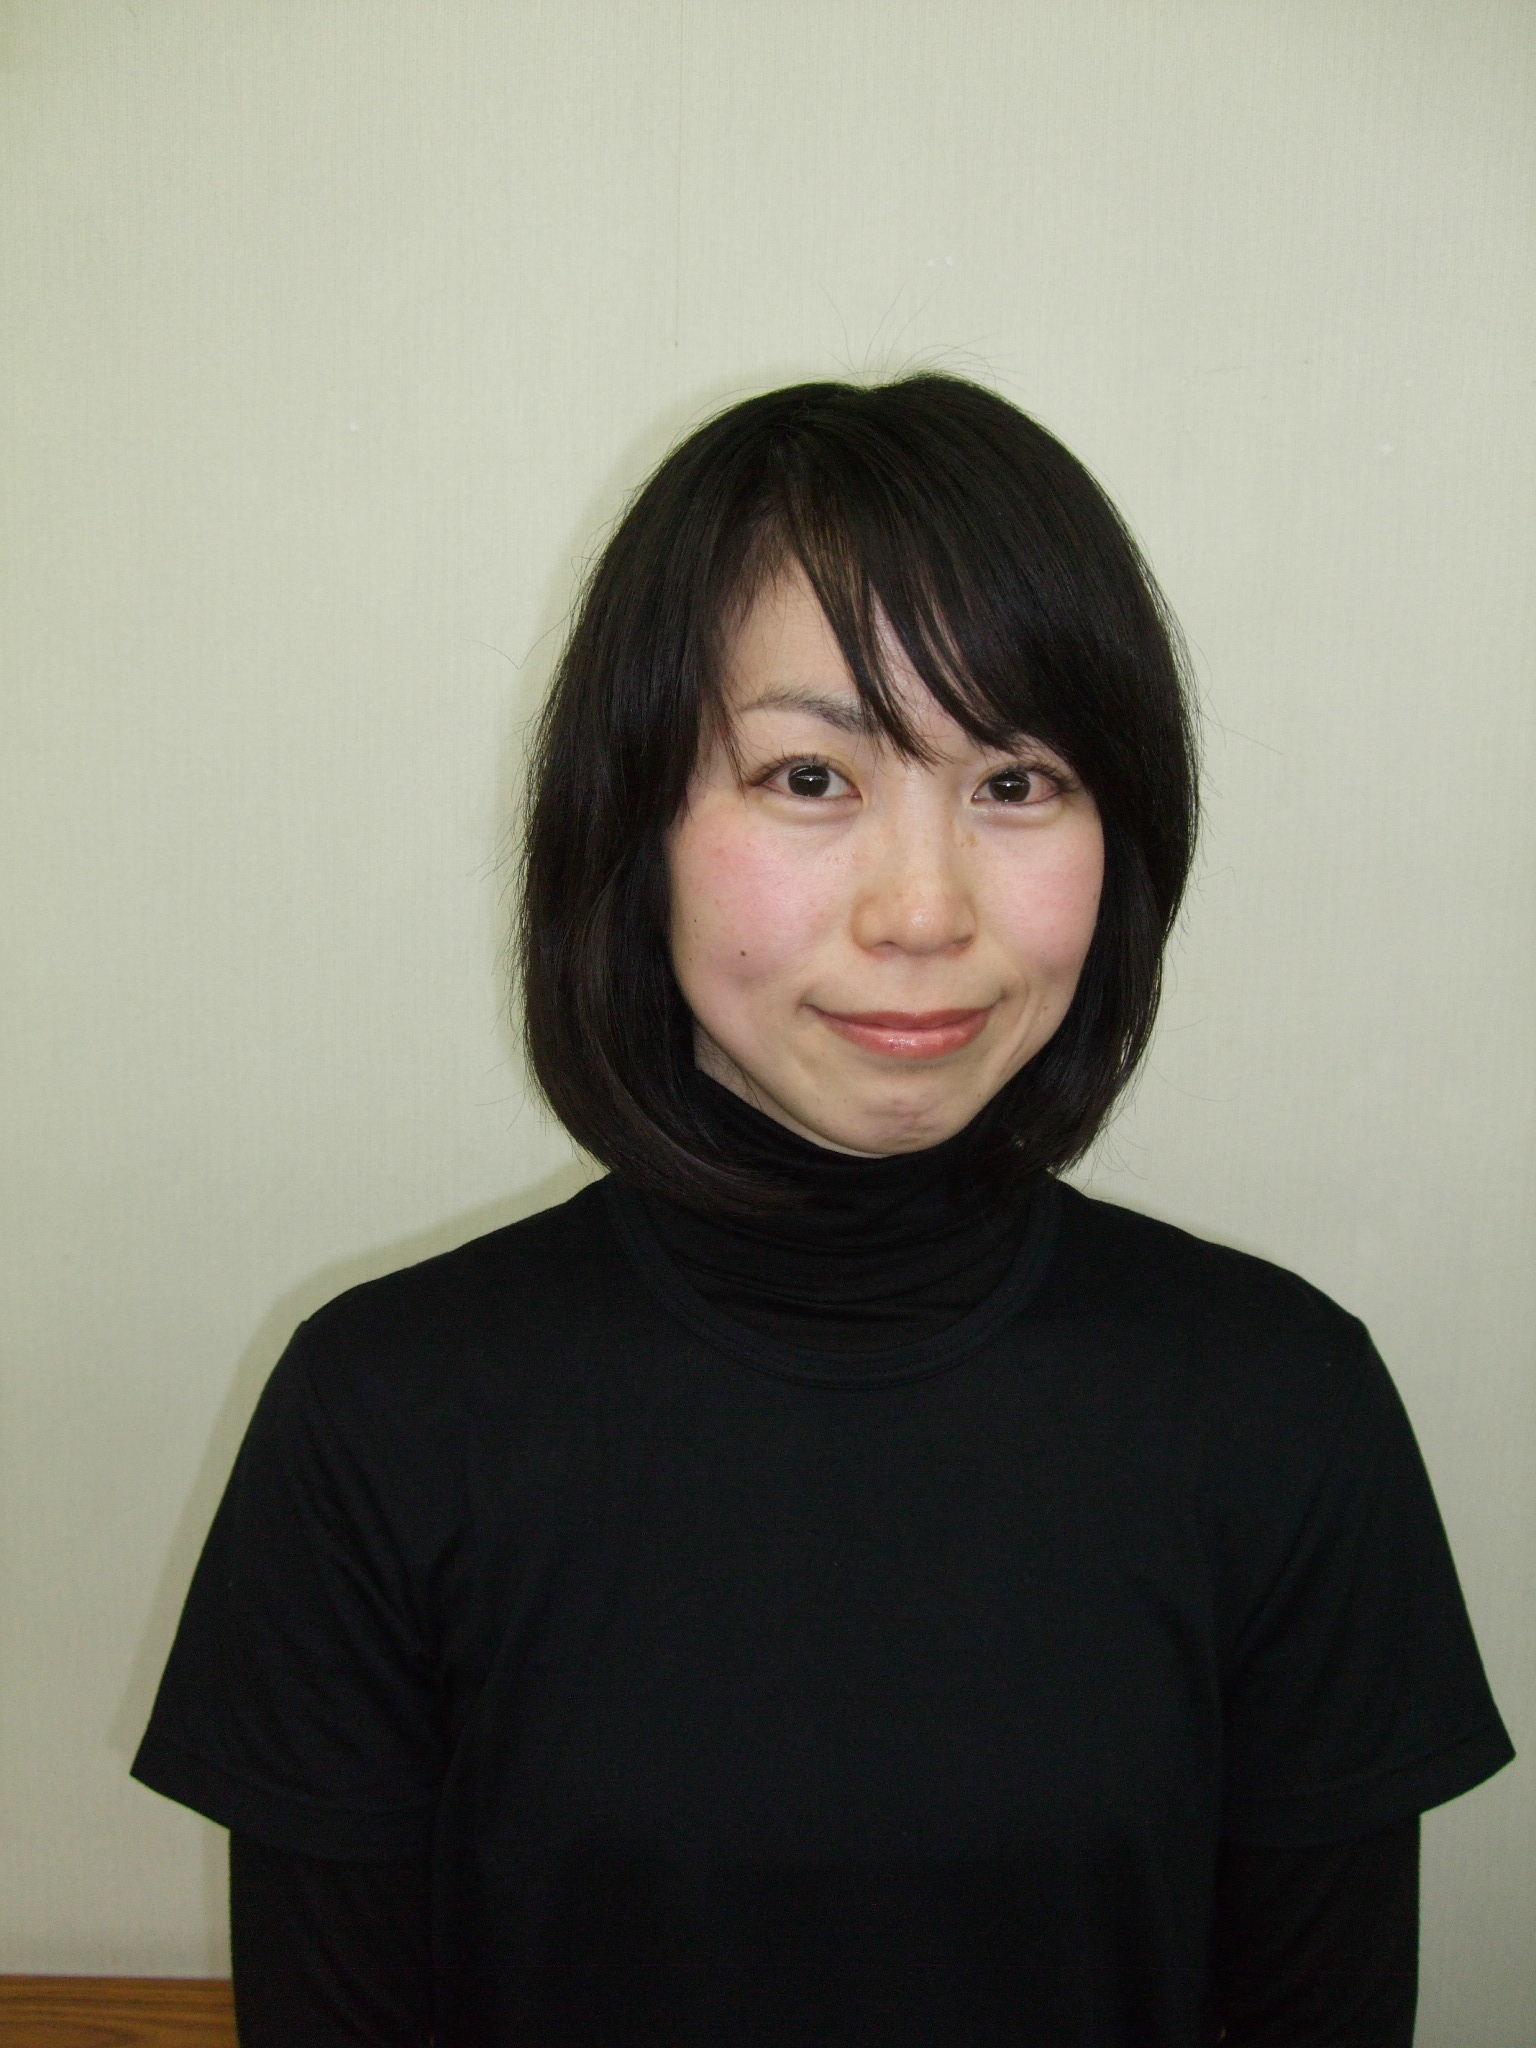 高橋ヨガ研究所 本部上新庄教室 - 佐々木裕子(ササキヒロコ)さんの写真